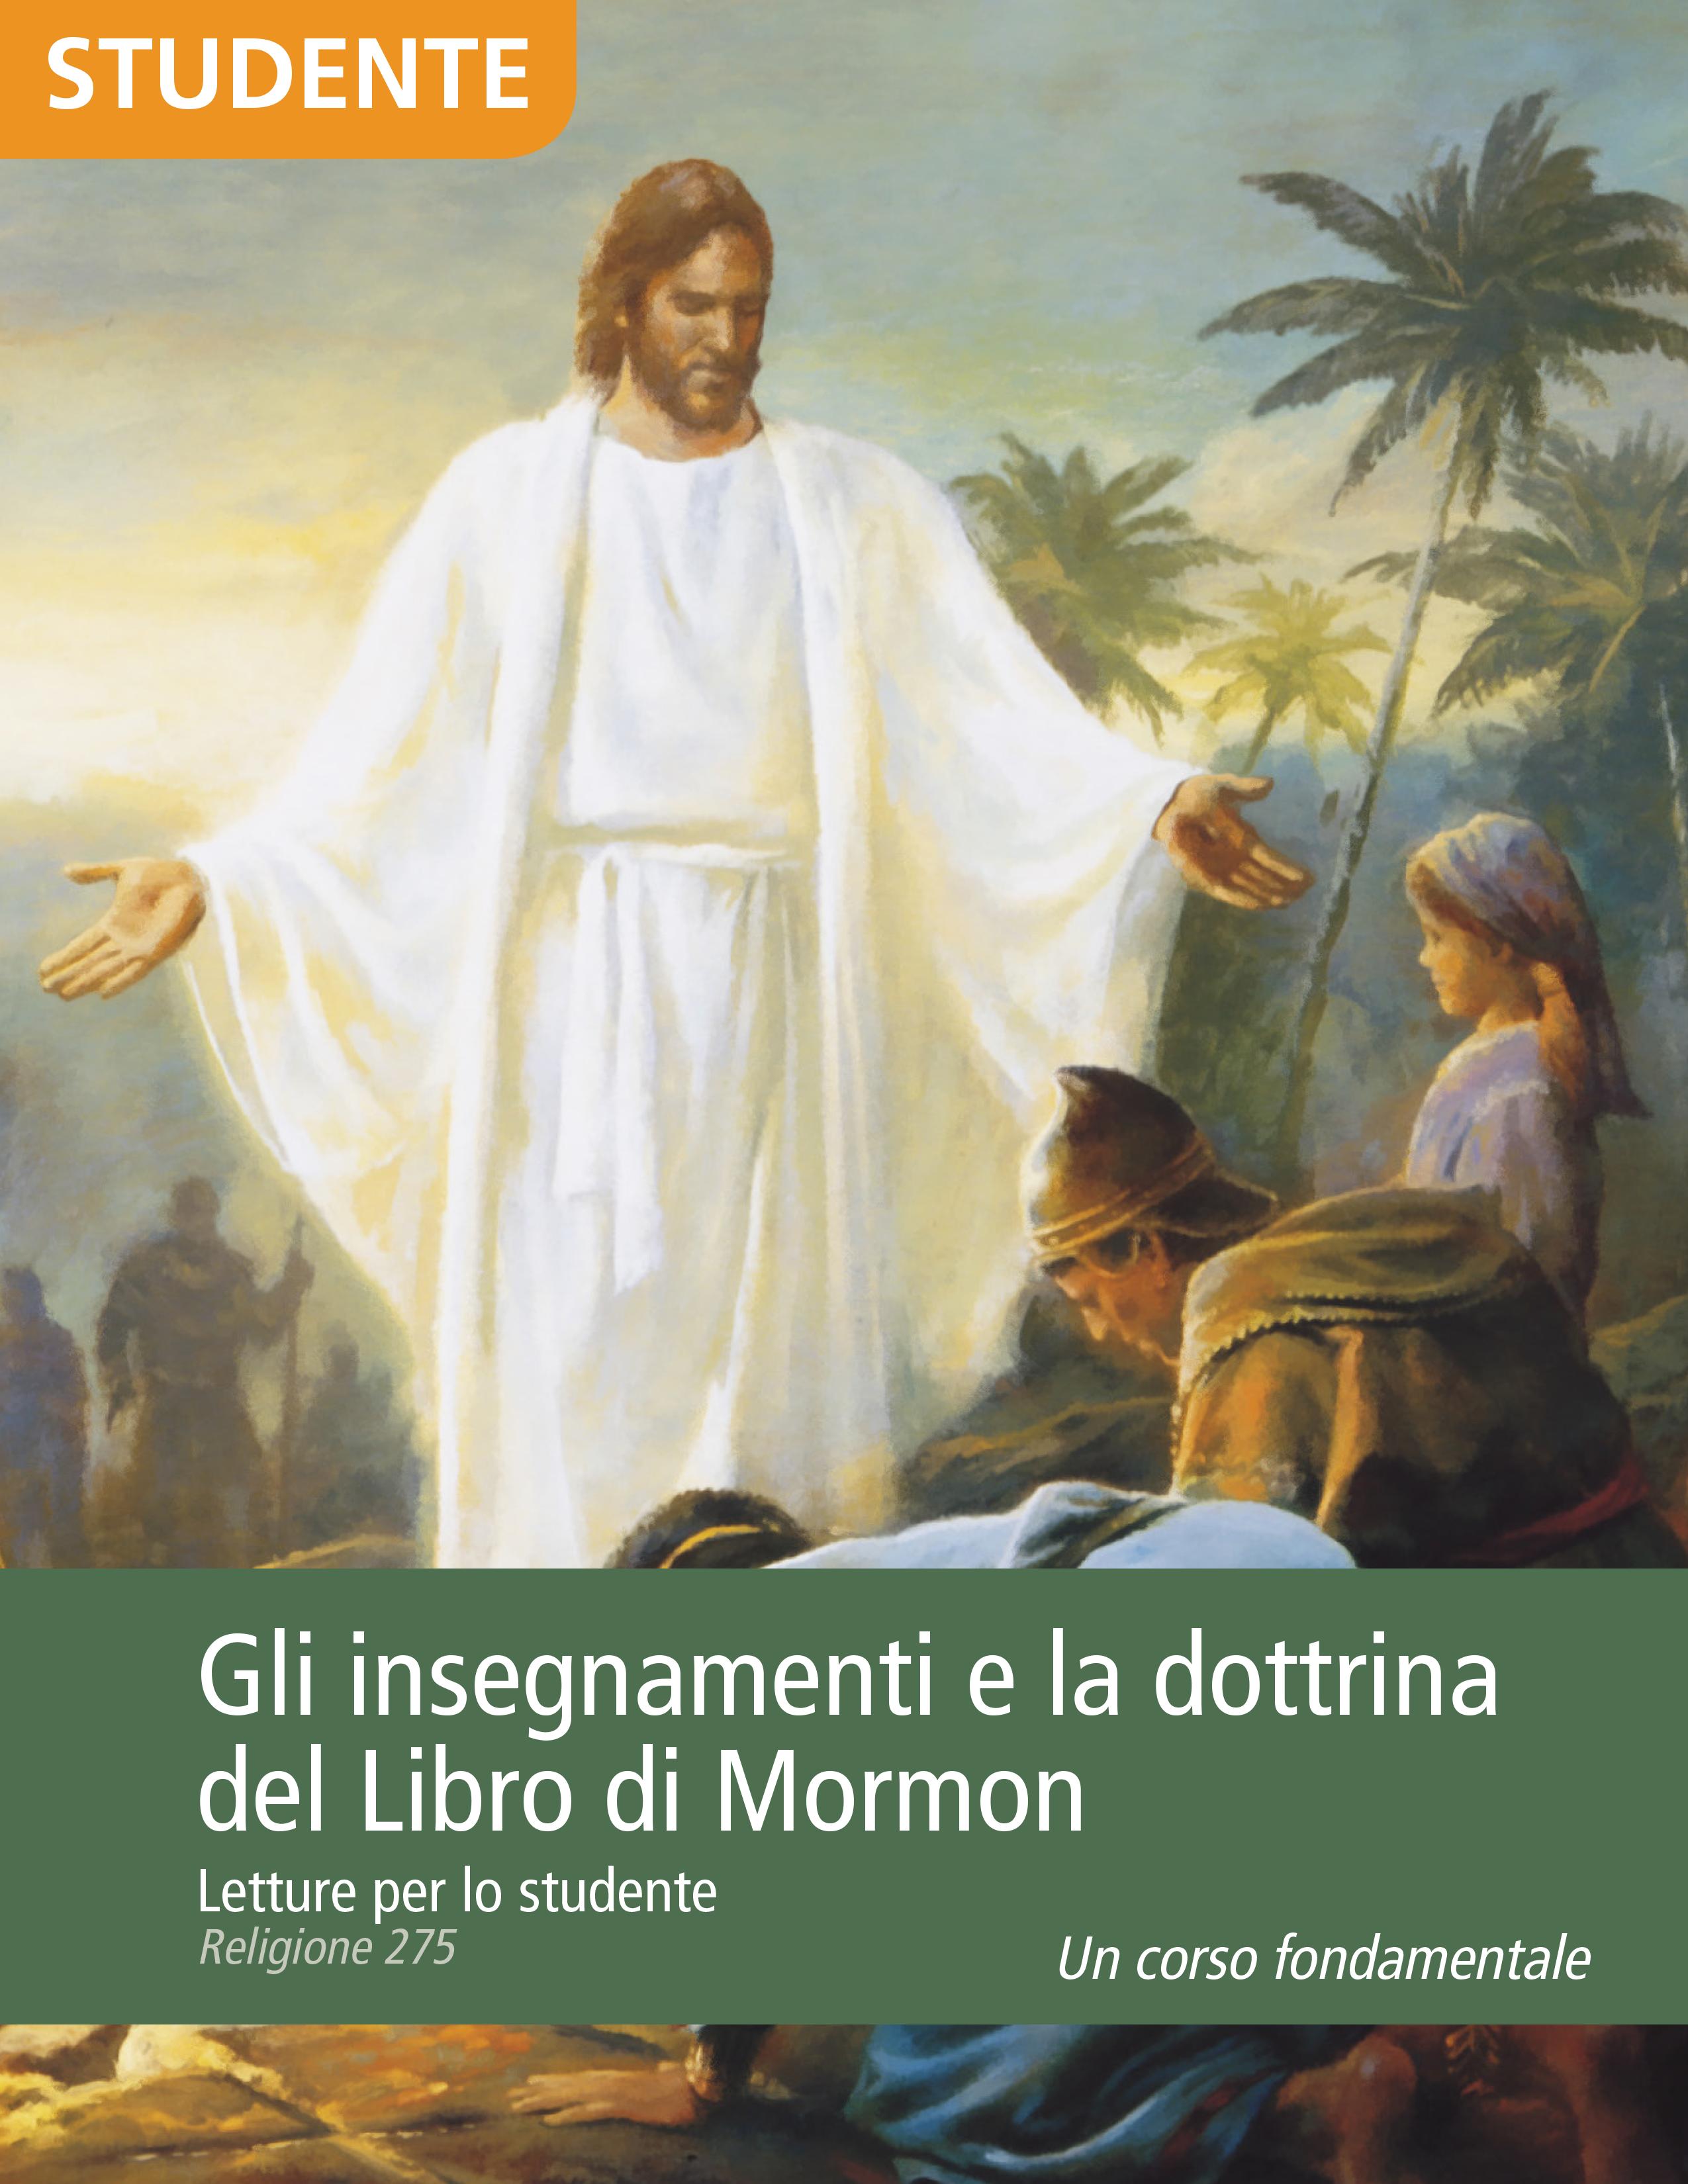 Gli insegnamenti e la dottrina del Libro di Mormon – Letture per gli studenti (Religione 275)